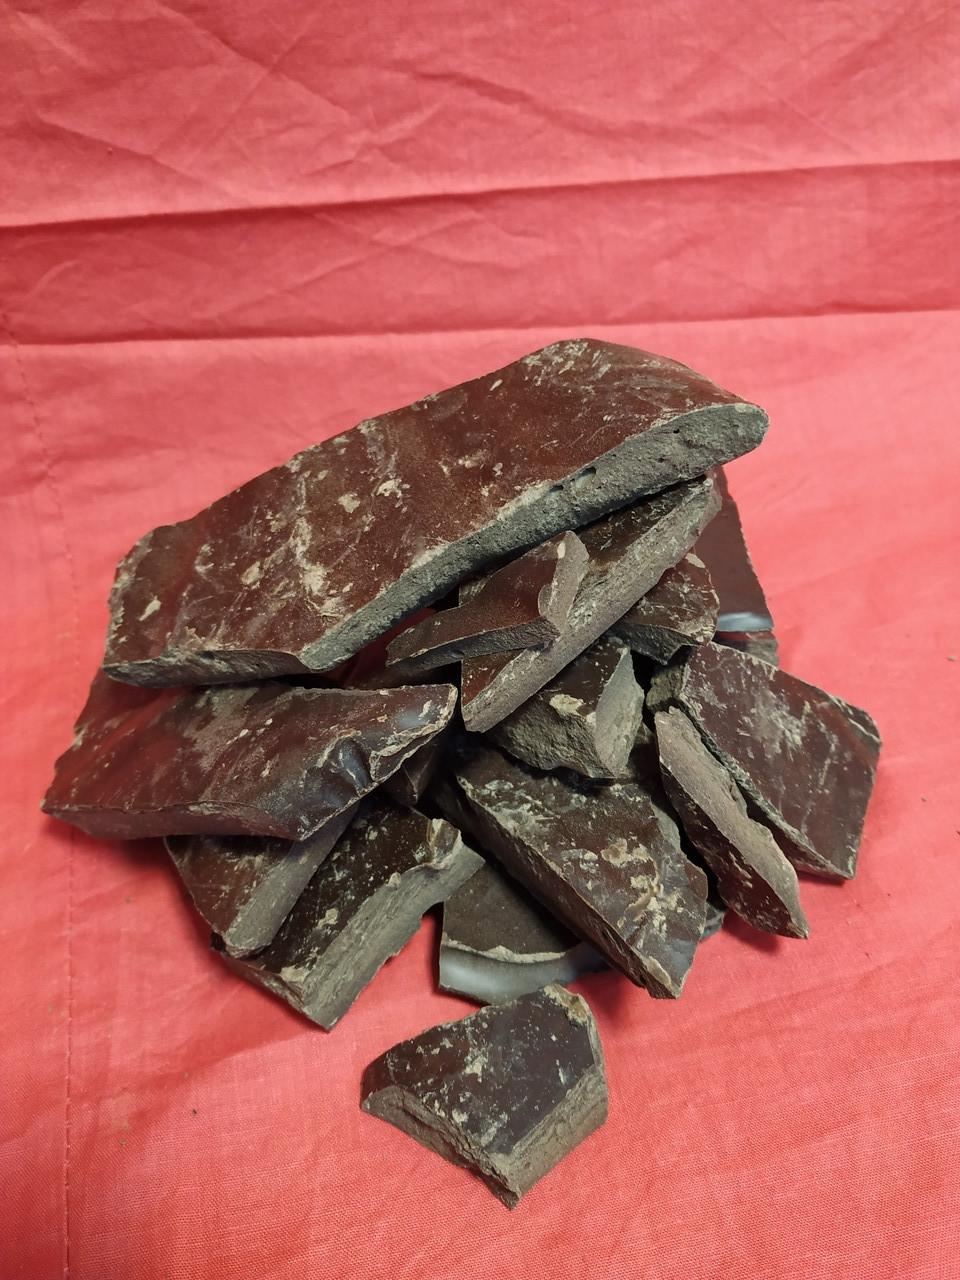 Крафтовый шоколад чёрний натуральный 99 % в плитках 250г